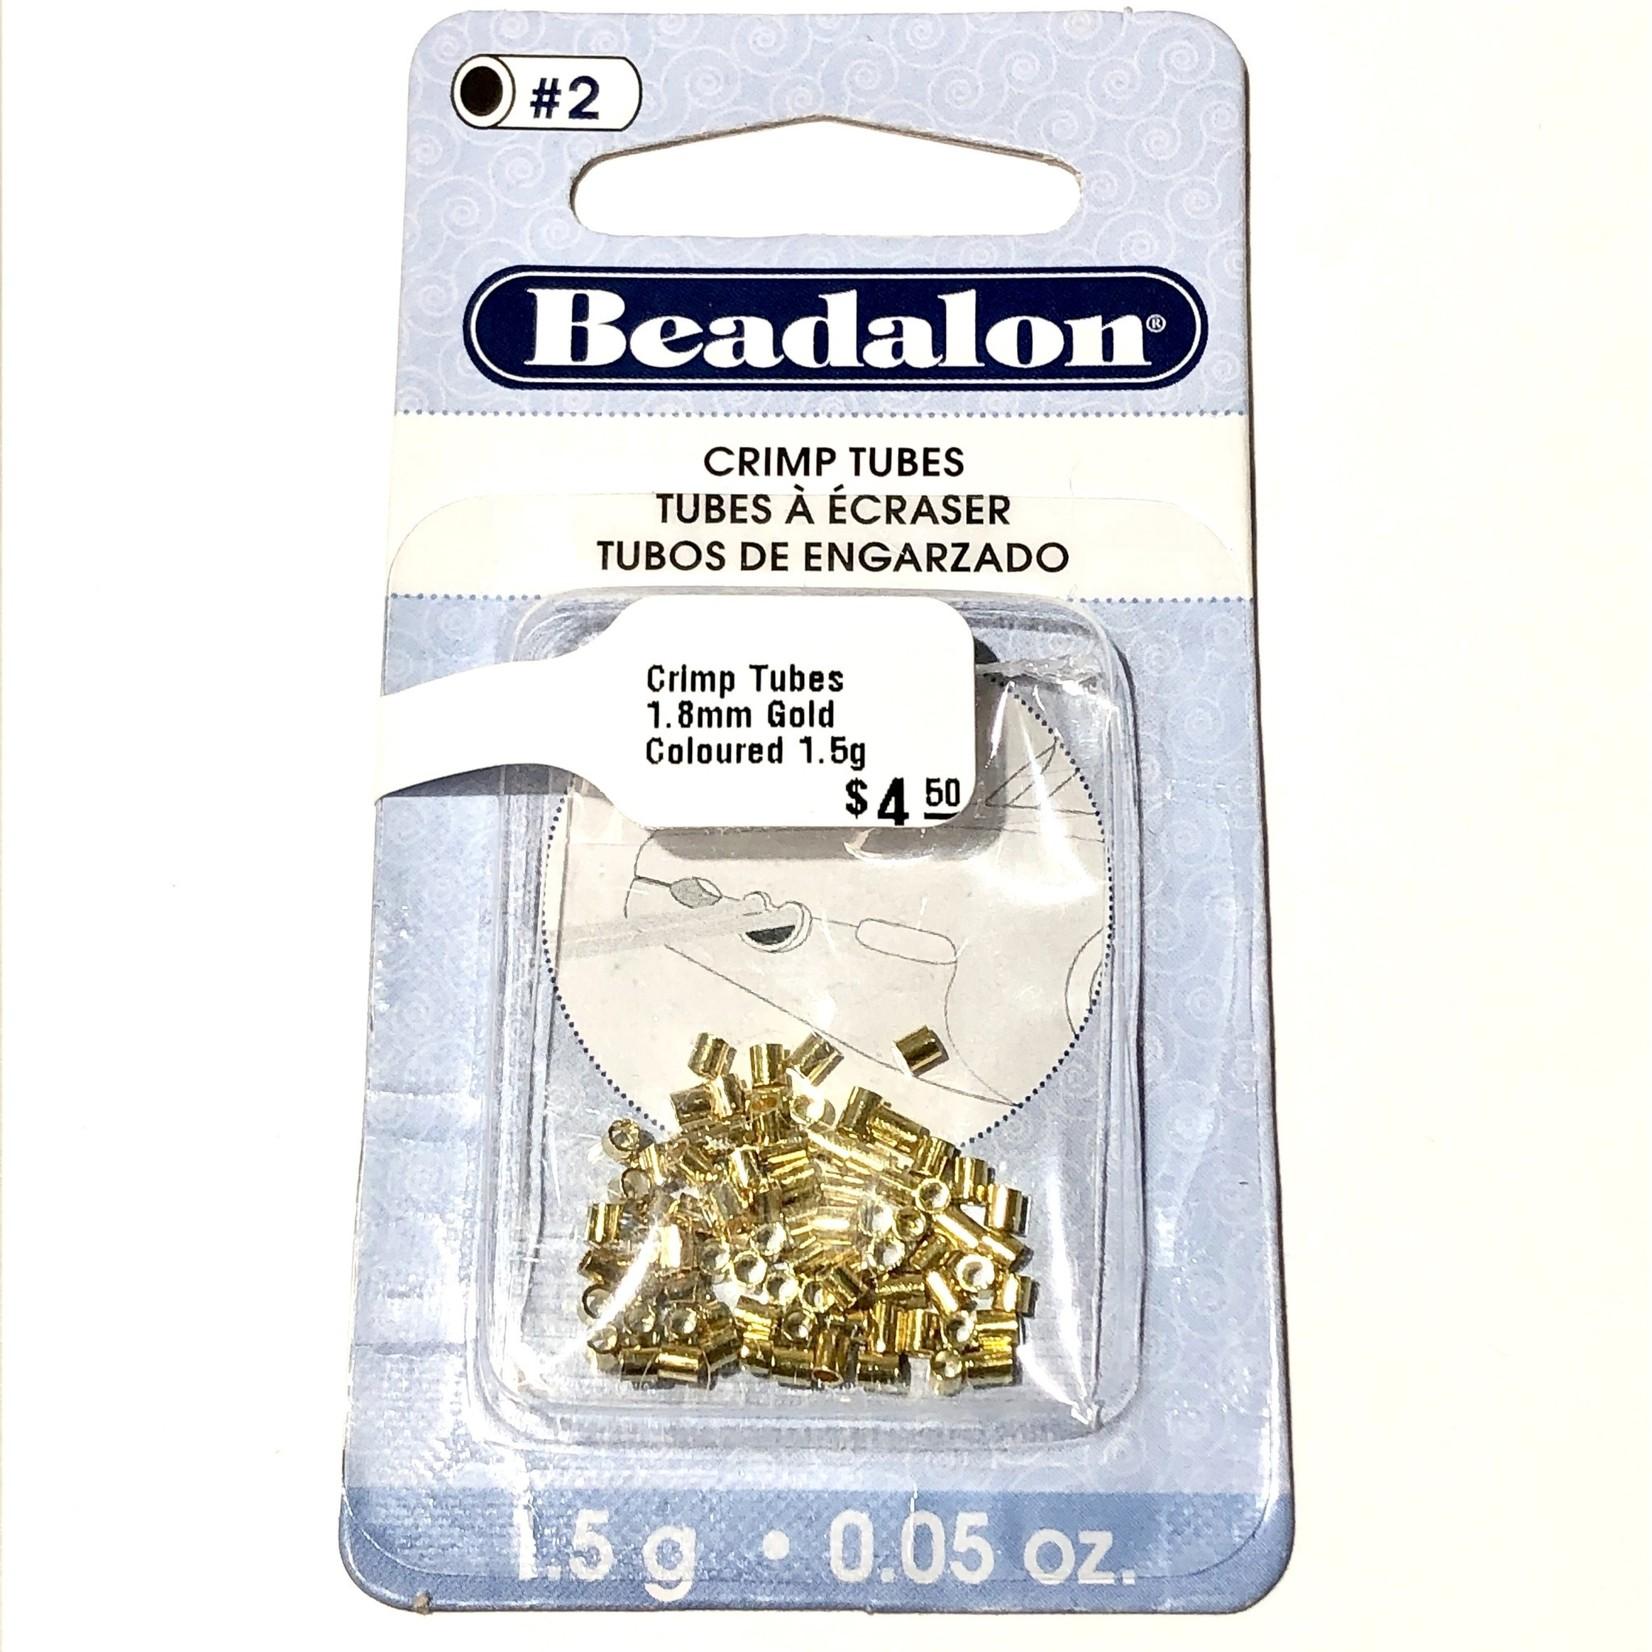 Beadalon Crimp Tubes 1.8mm Gold Coloured 1.5g